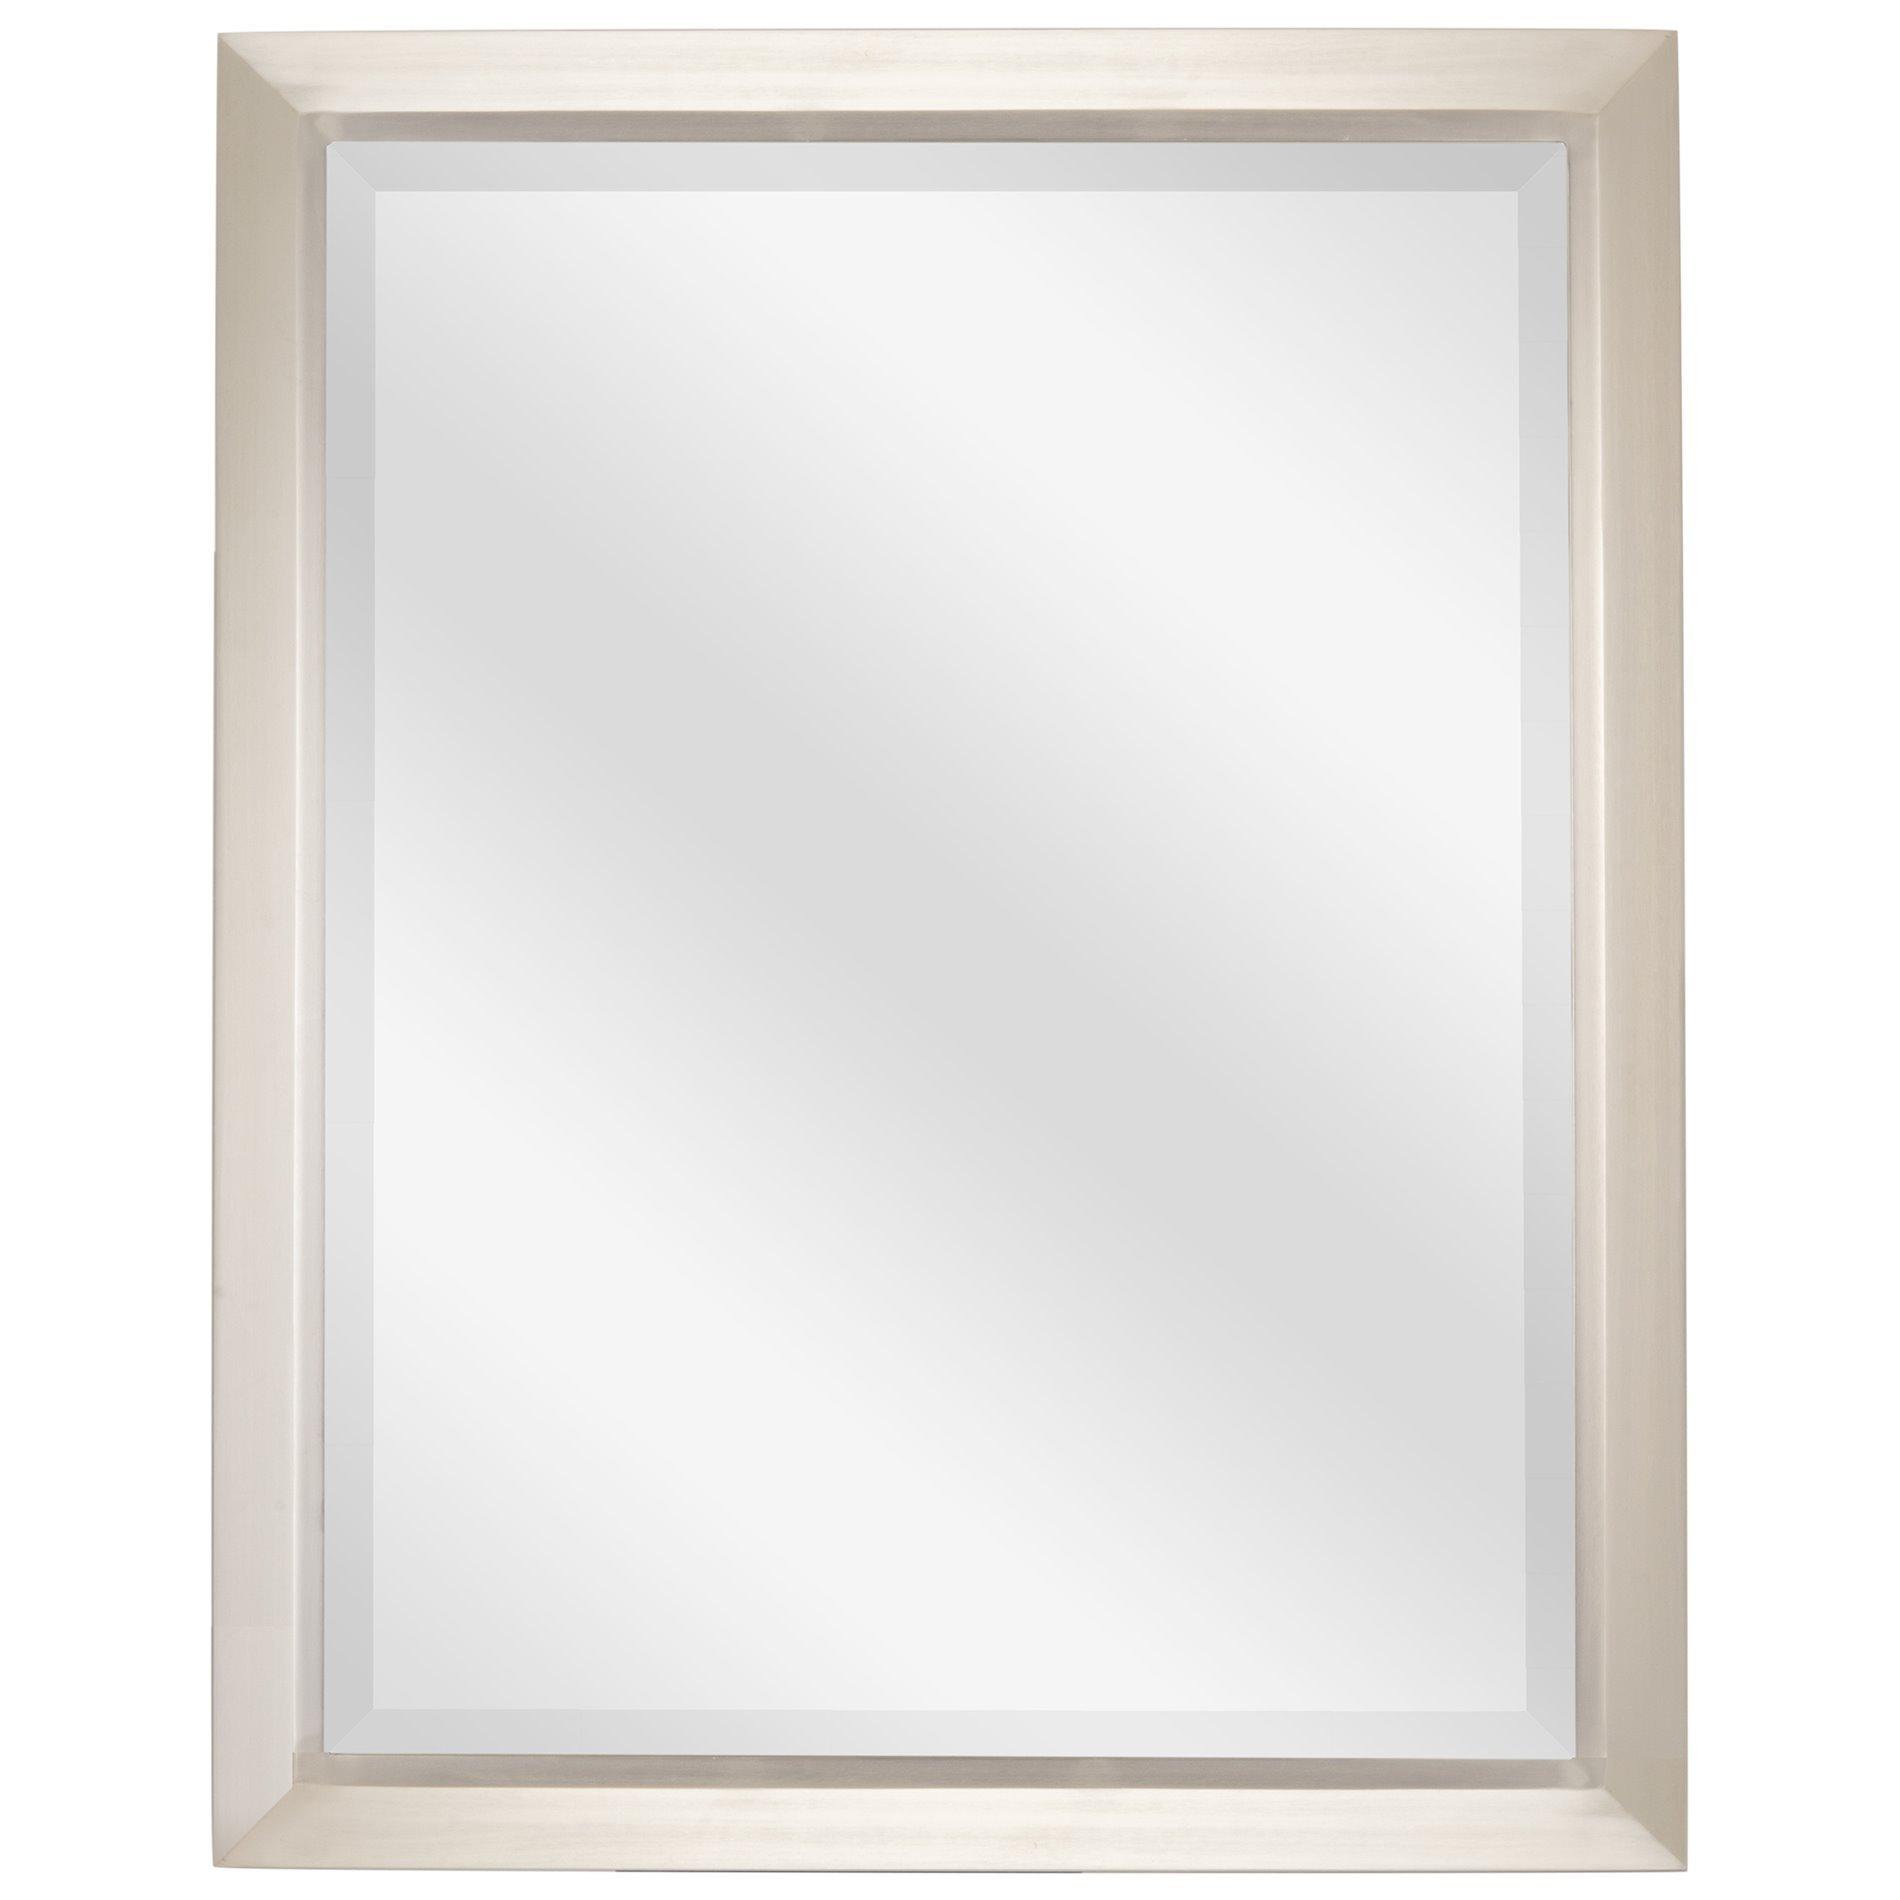 Revel Madison 30''x 24'' Large Modern Rectangle Decorative beveled mirror + Brushed Nickel Finish by Revel